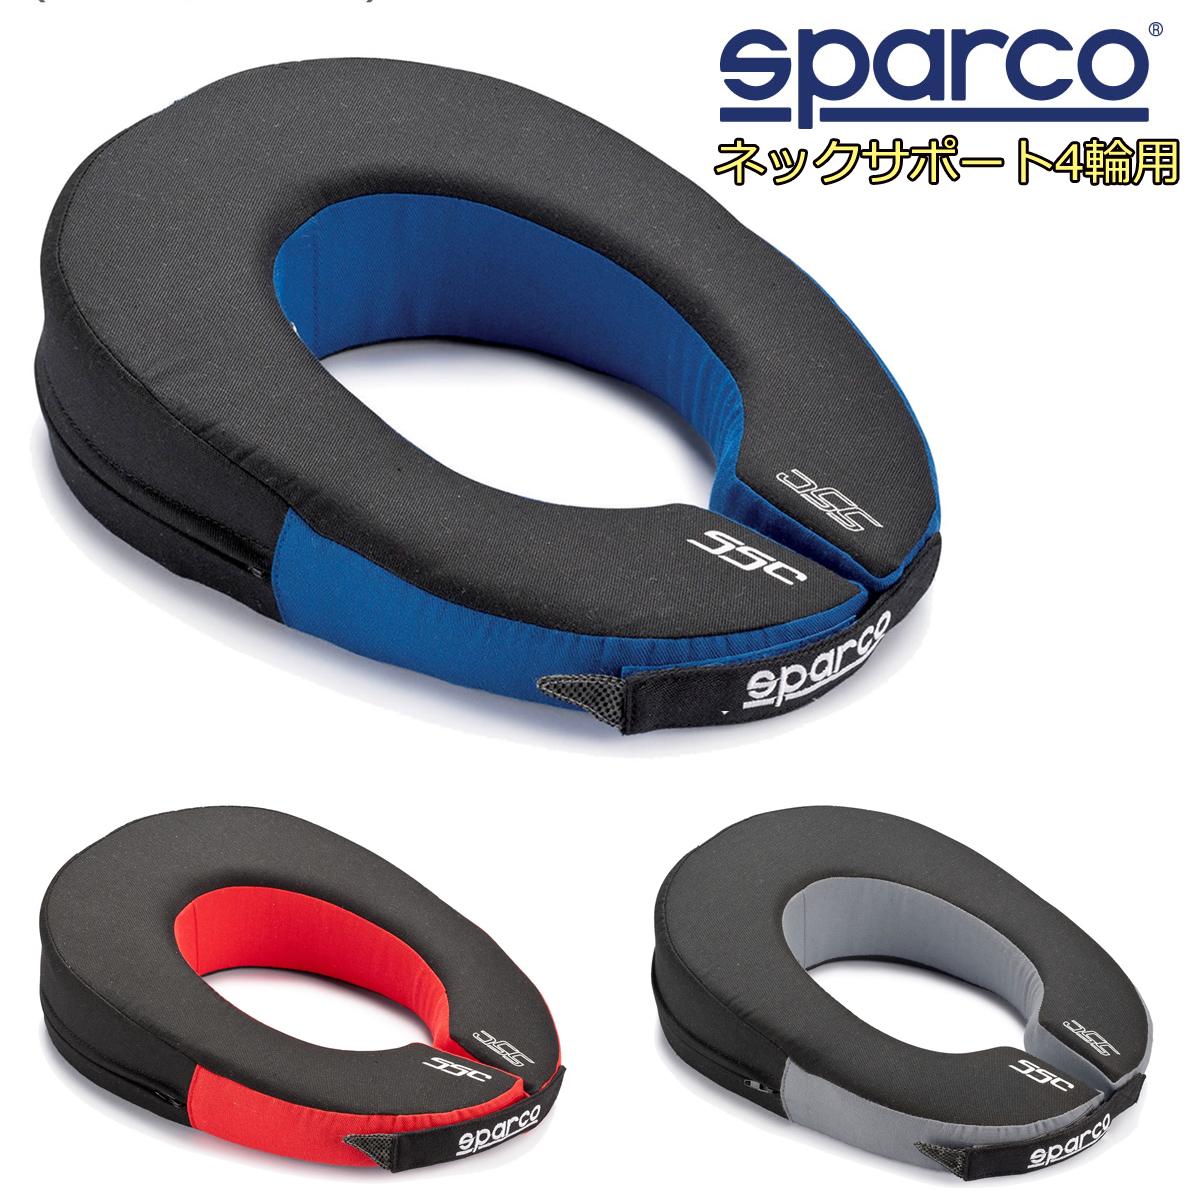 スパルコ SPARCO ネックサポート 4輪用 NECK SUPPORT2 Sparco